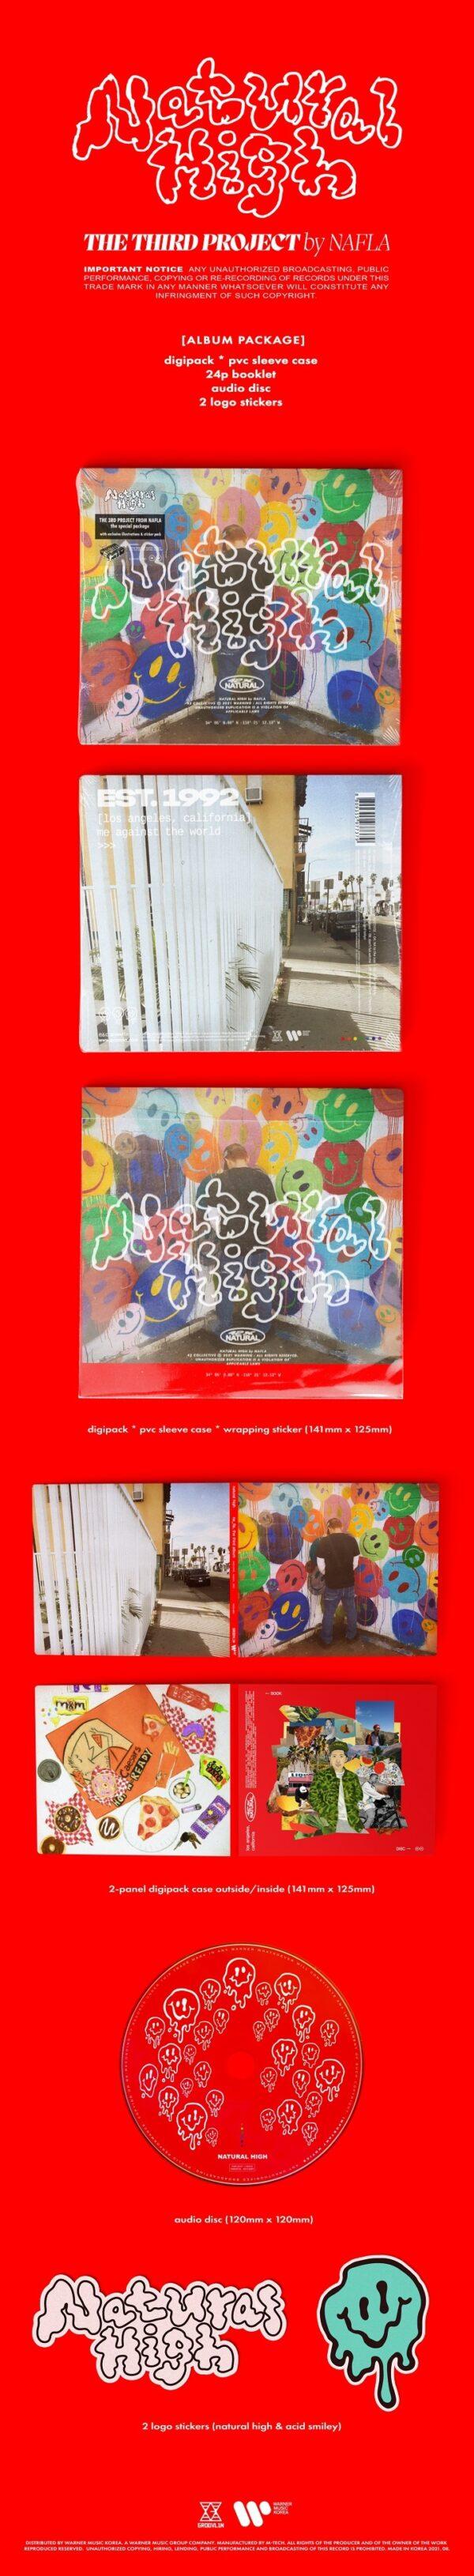 Nafla Album Vol. 3 Natural High 1.1